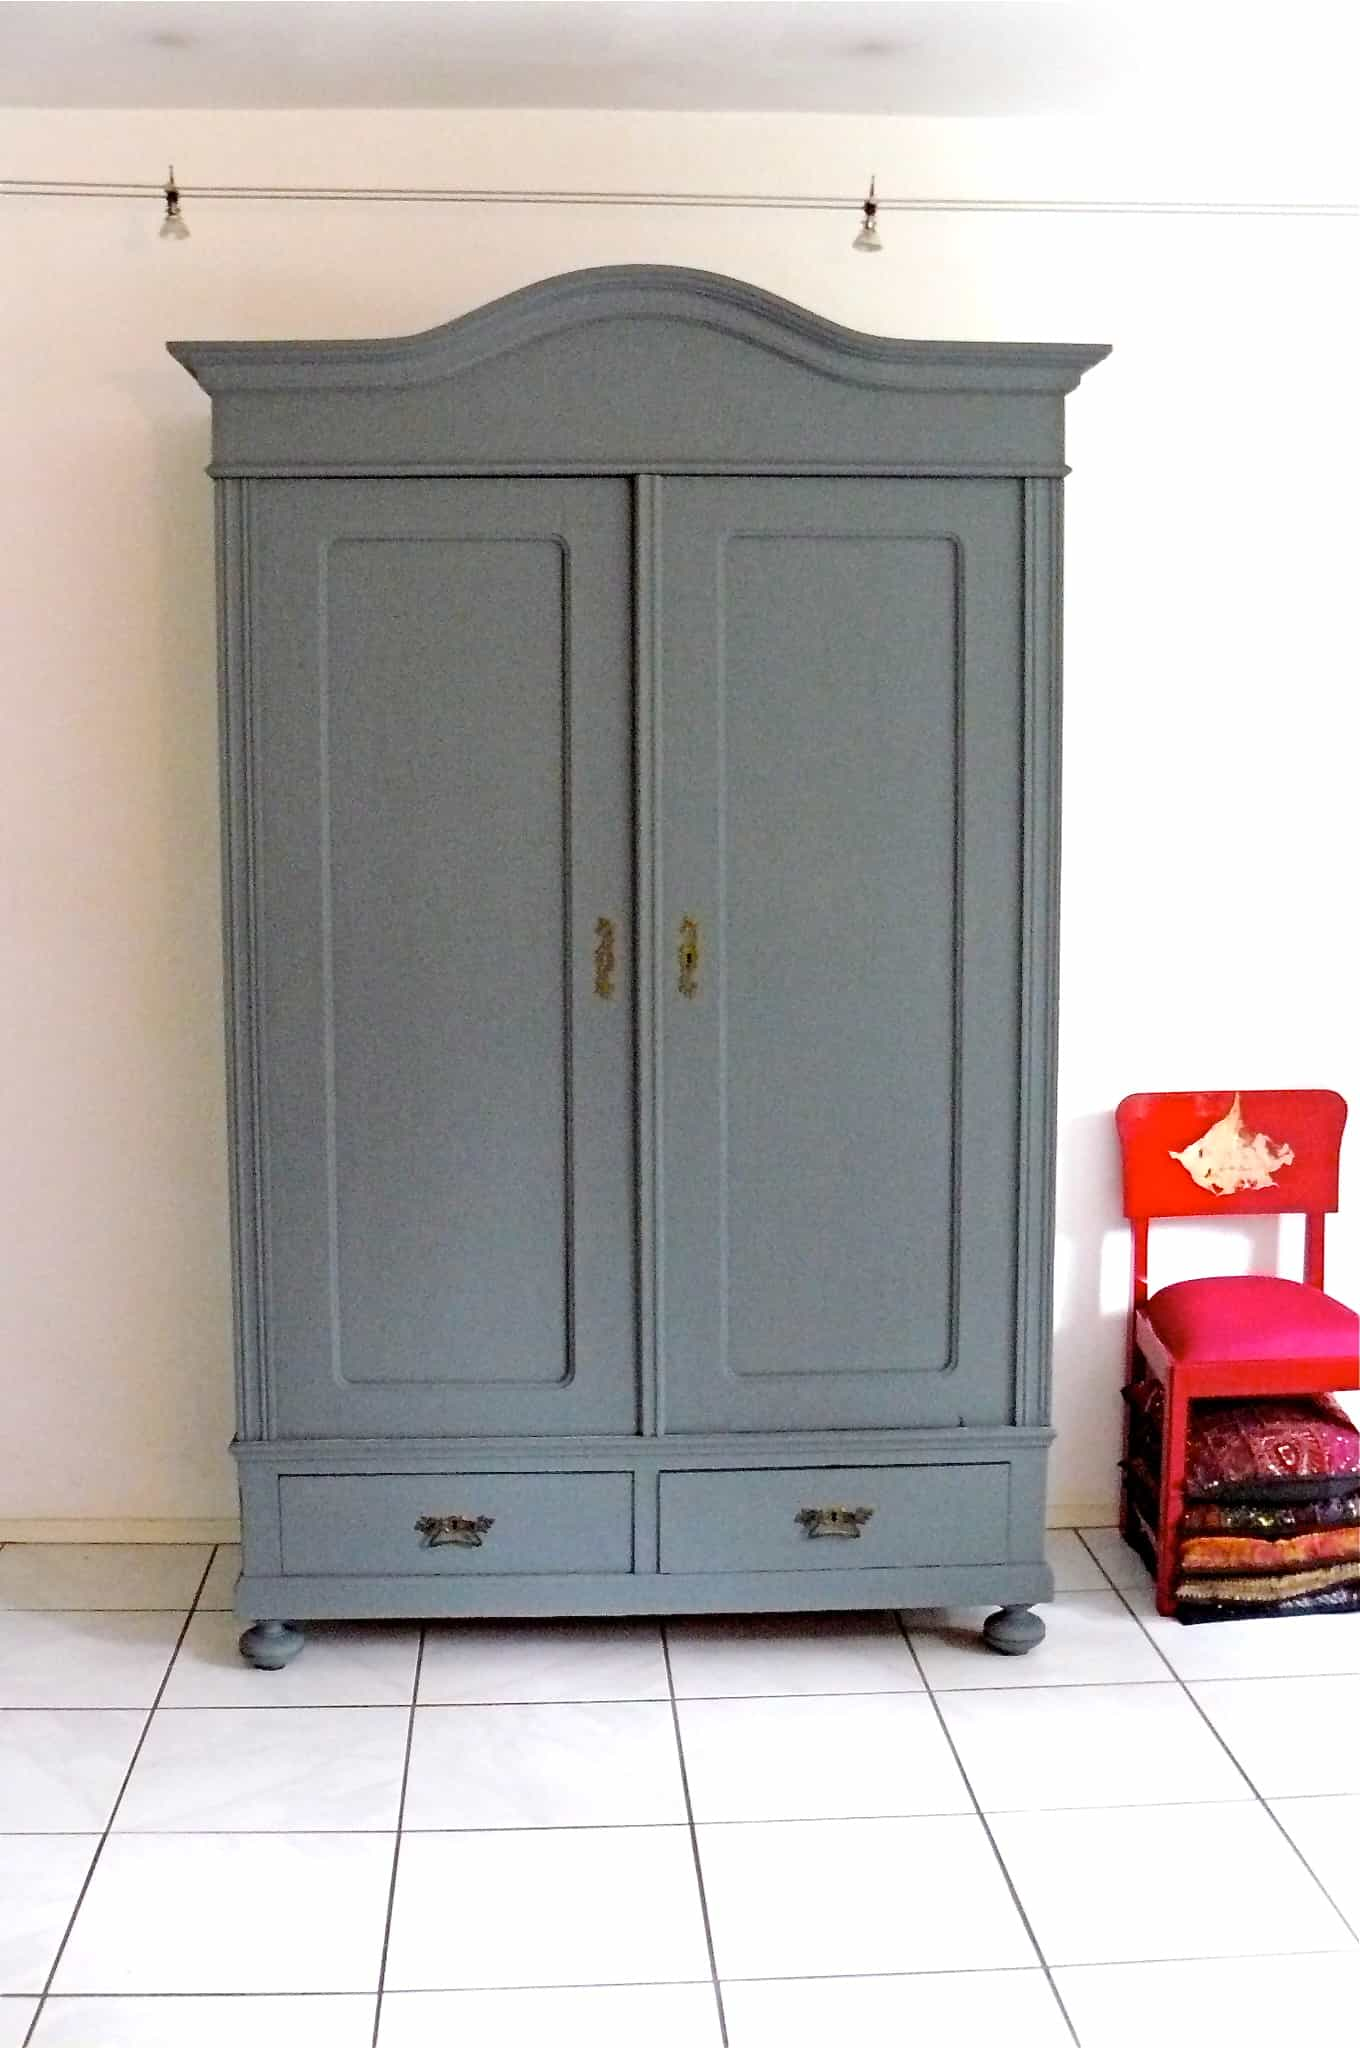 kastje grijs moose f rg. Black Bedroom Furniture Sets. Home Design Ideas